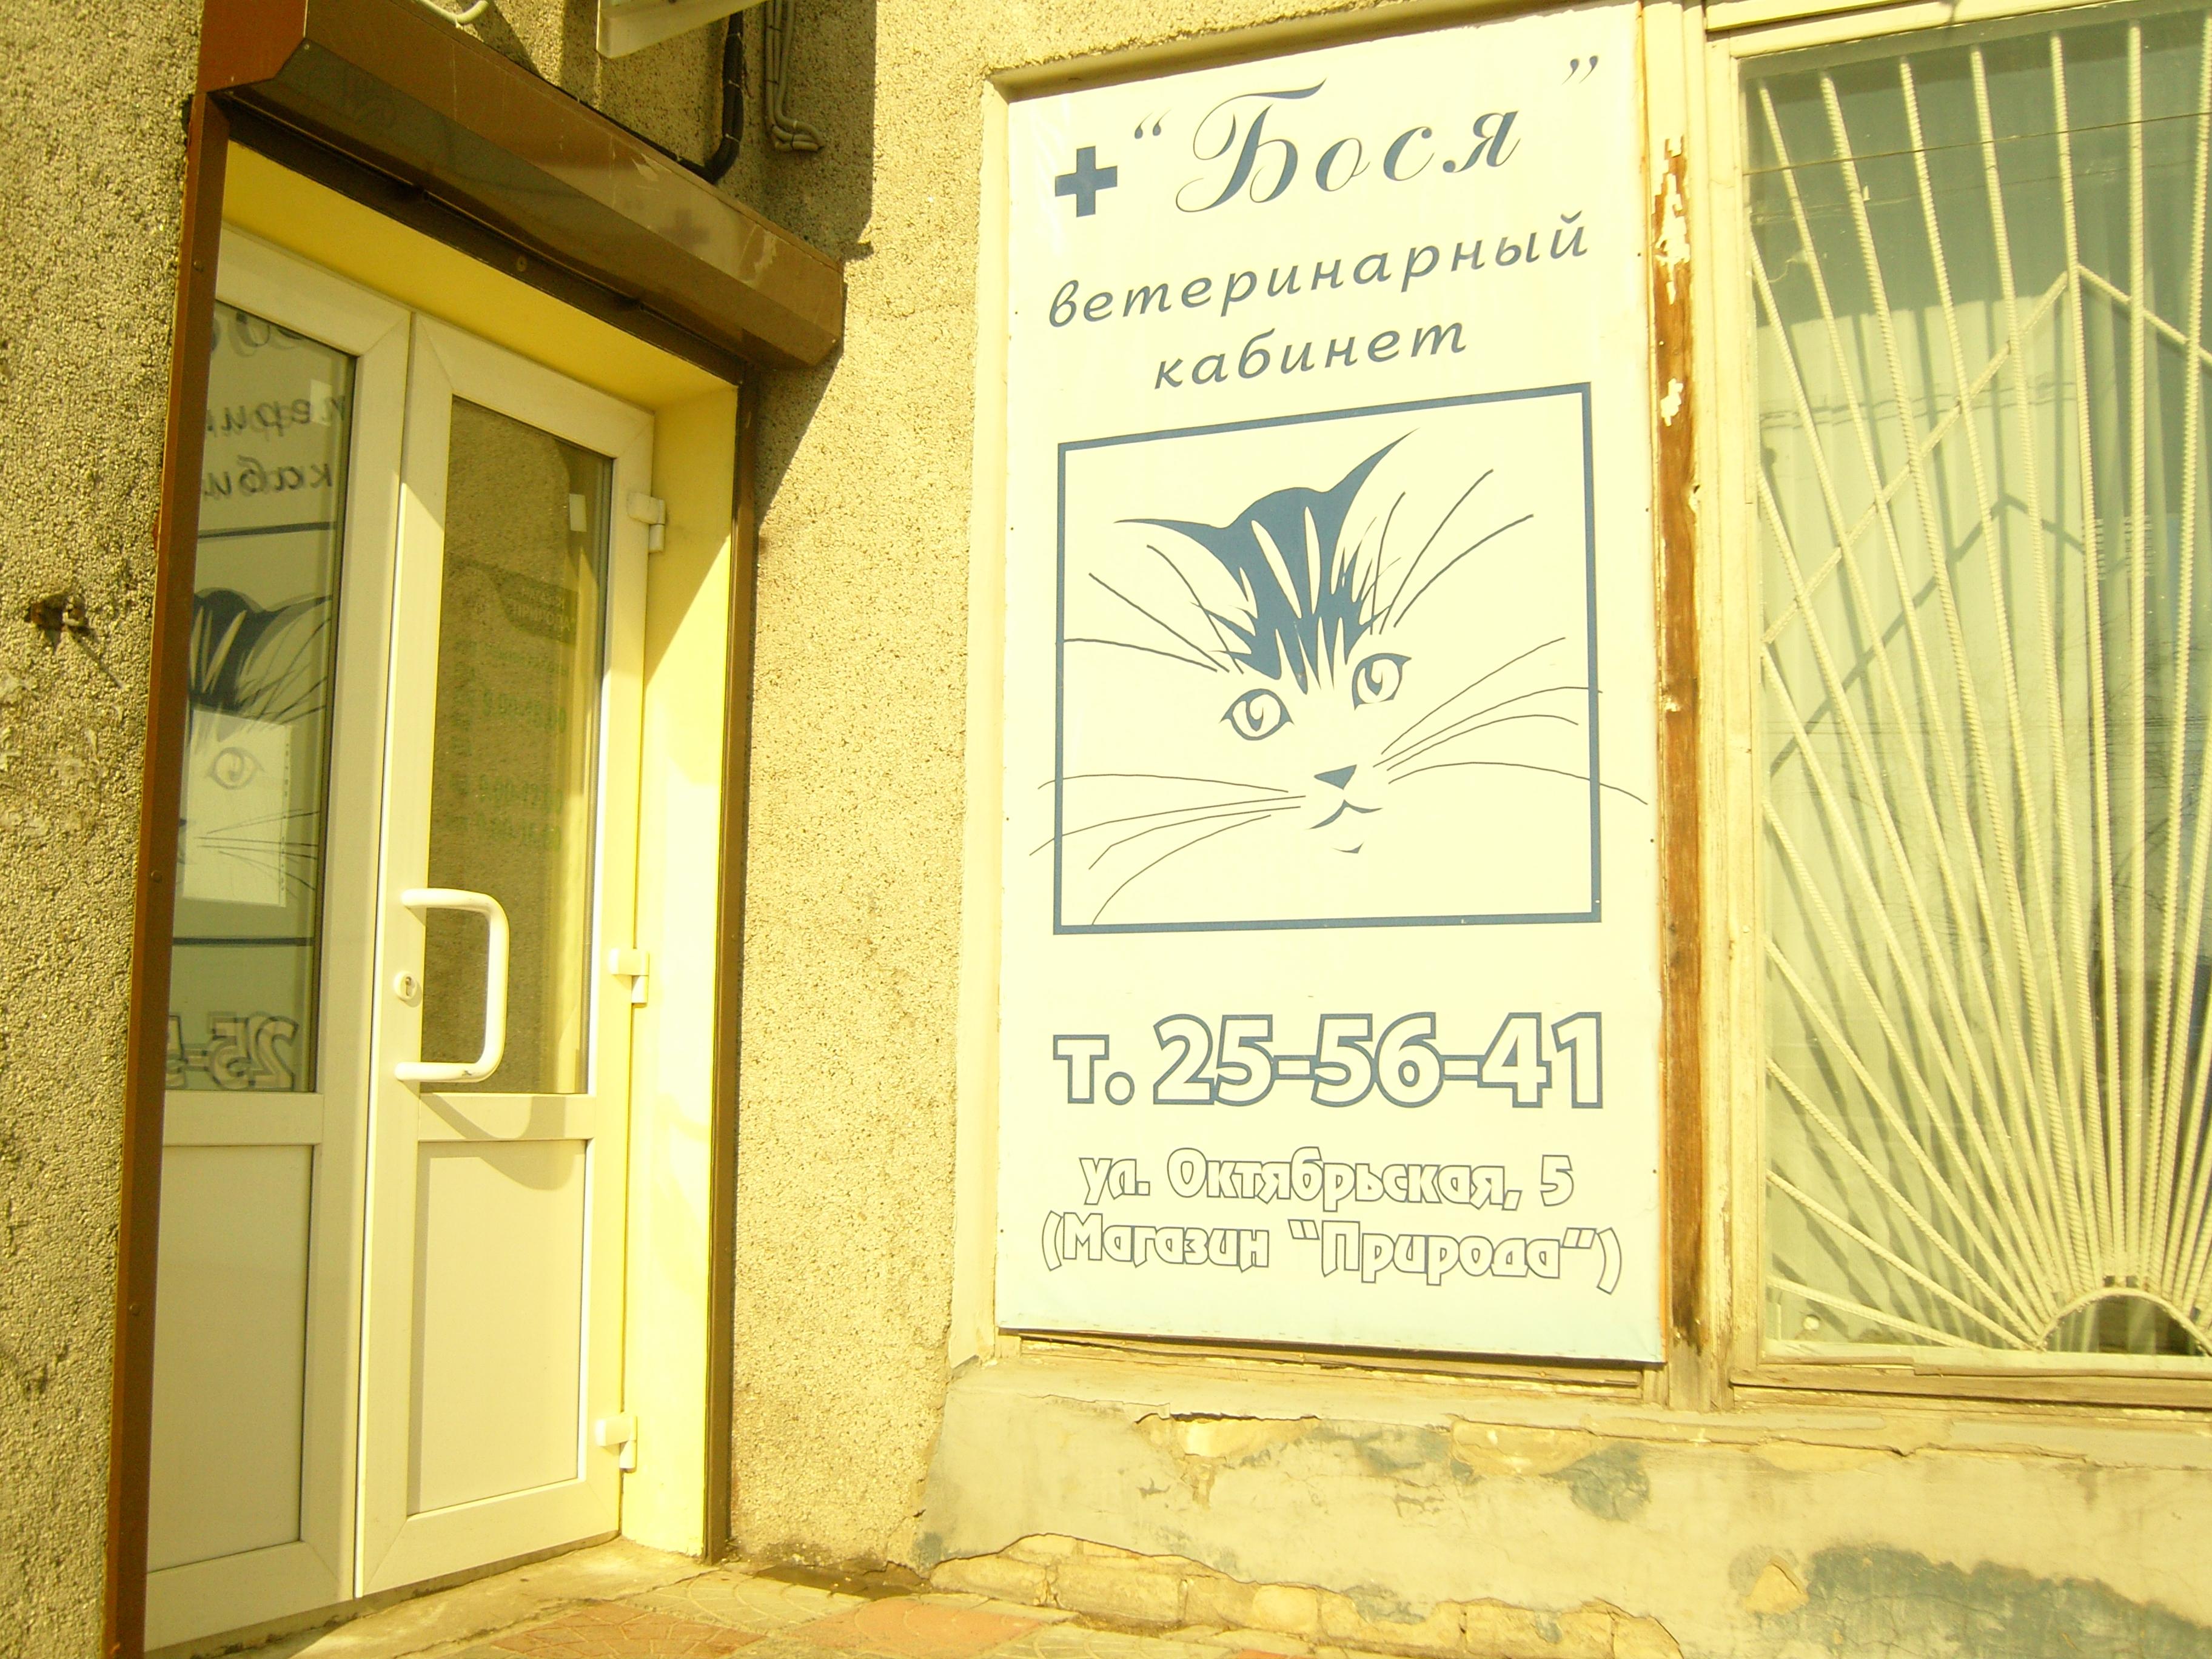 ветеринарный кабинет доктора морозова орел цены